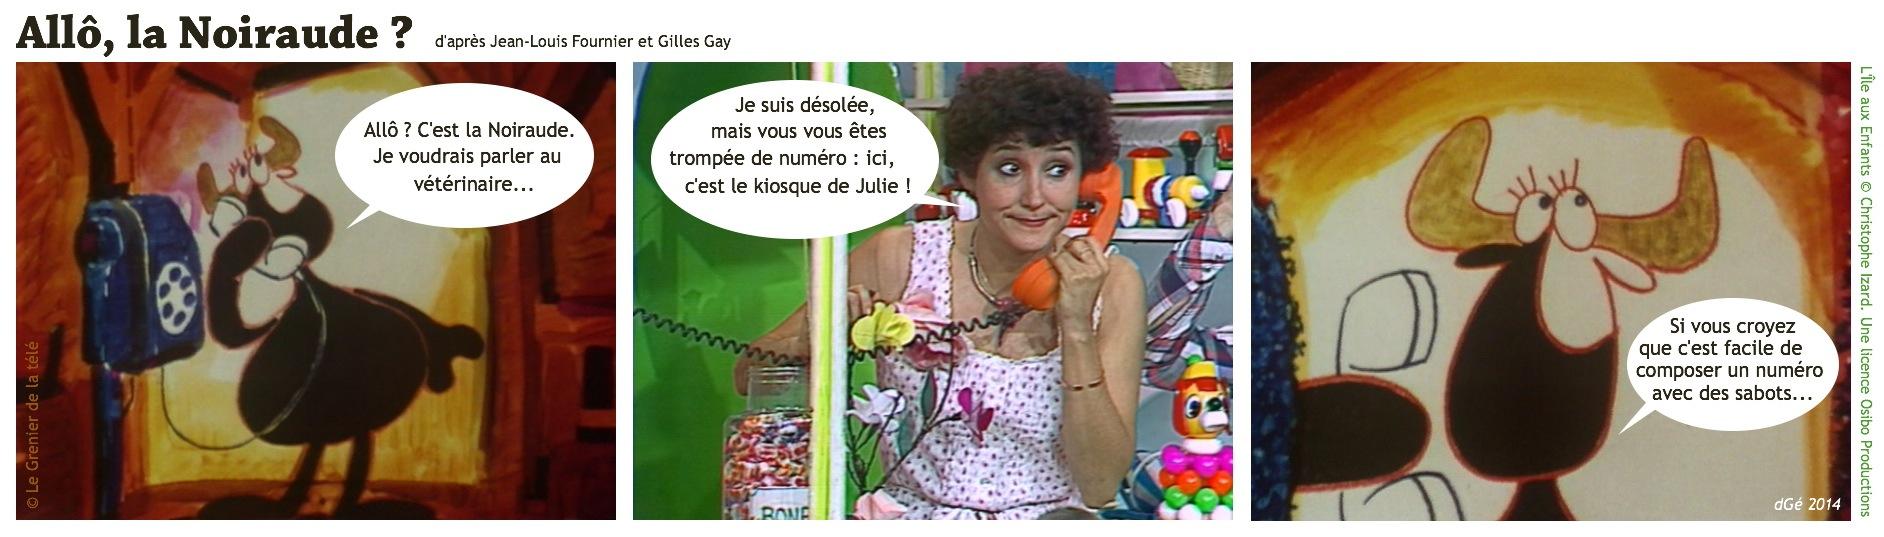 http://grenierdelatv.free.fr/2/noiraude001web.jpg